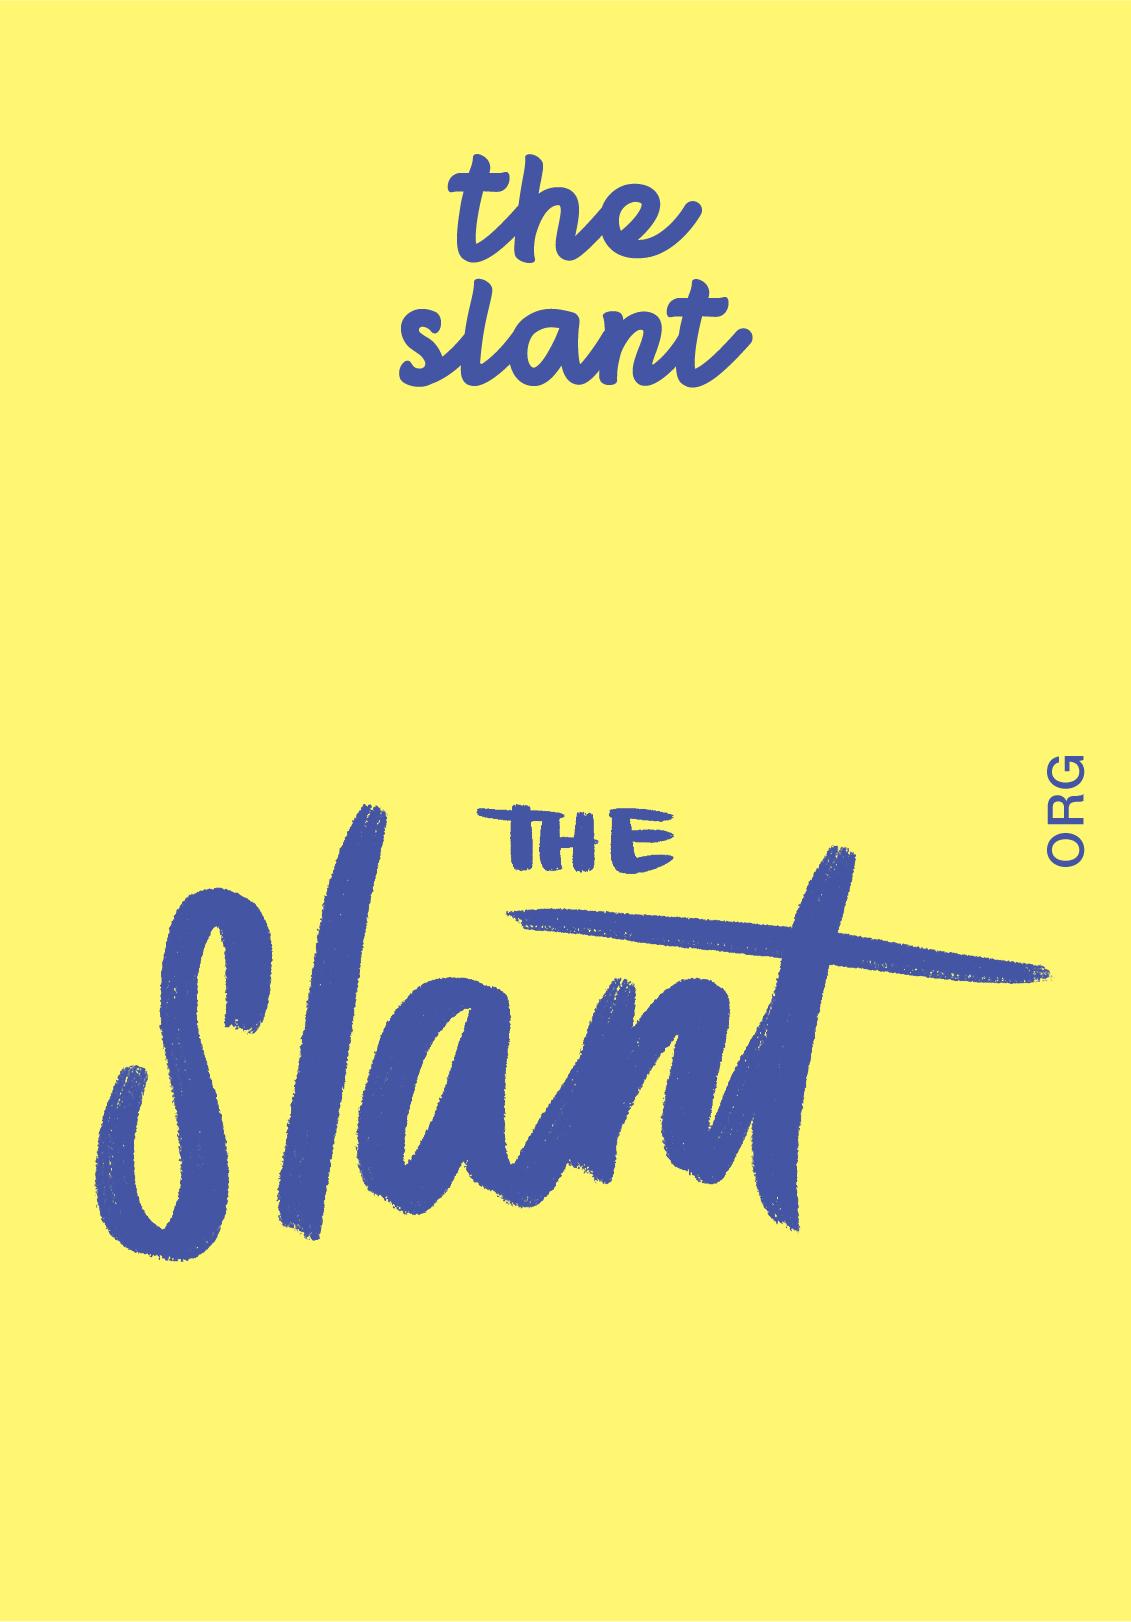 THE SLANT   WEBSITE   @SLANTEMAIL   IG: SLANTEMAIL